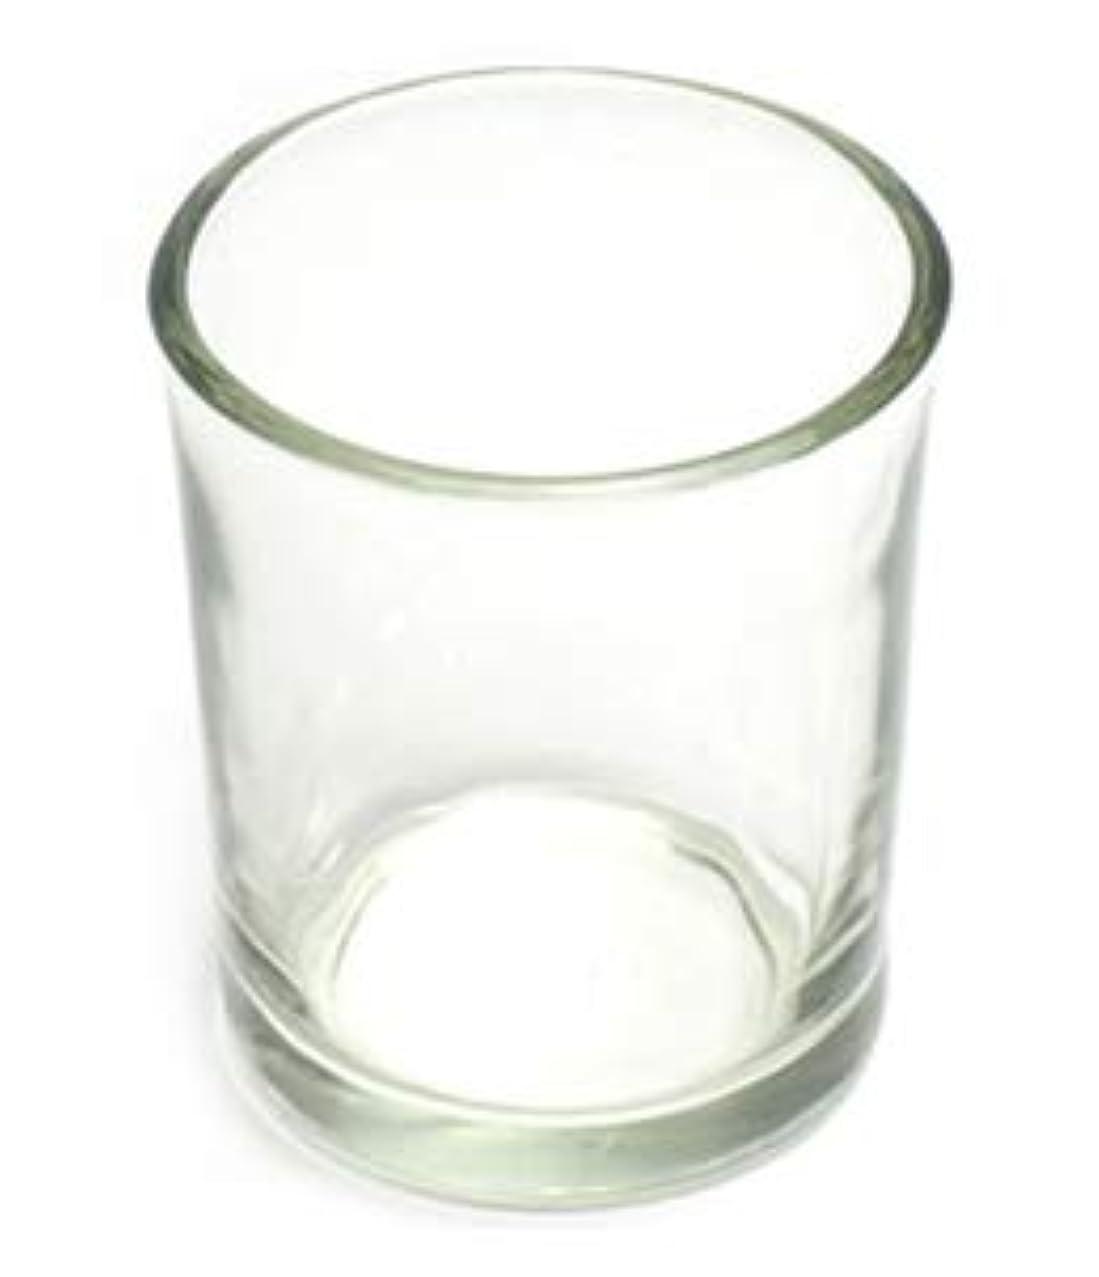 工場ご飯正規化キャンドルホルダー ガラス シンプル[小] 192個【キャンドルスタンド 透明 クリア おしゃれ ろうそく立て】